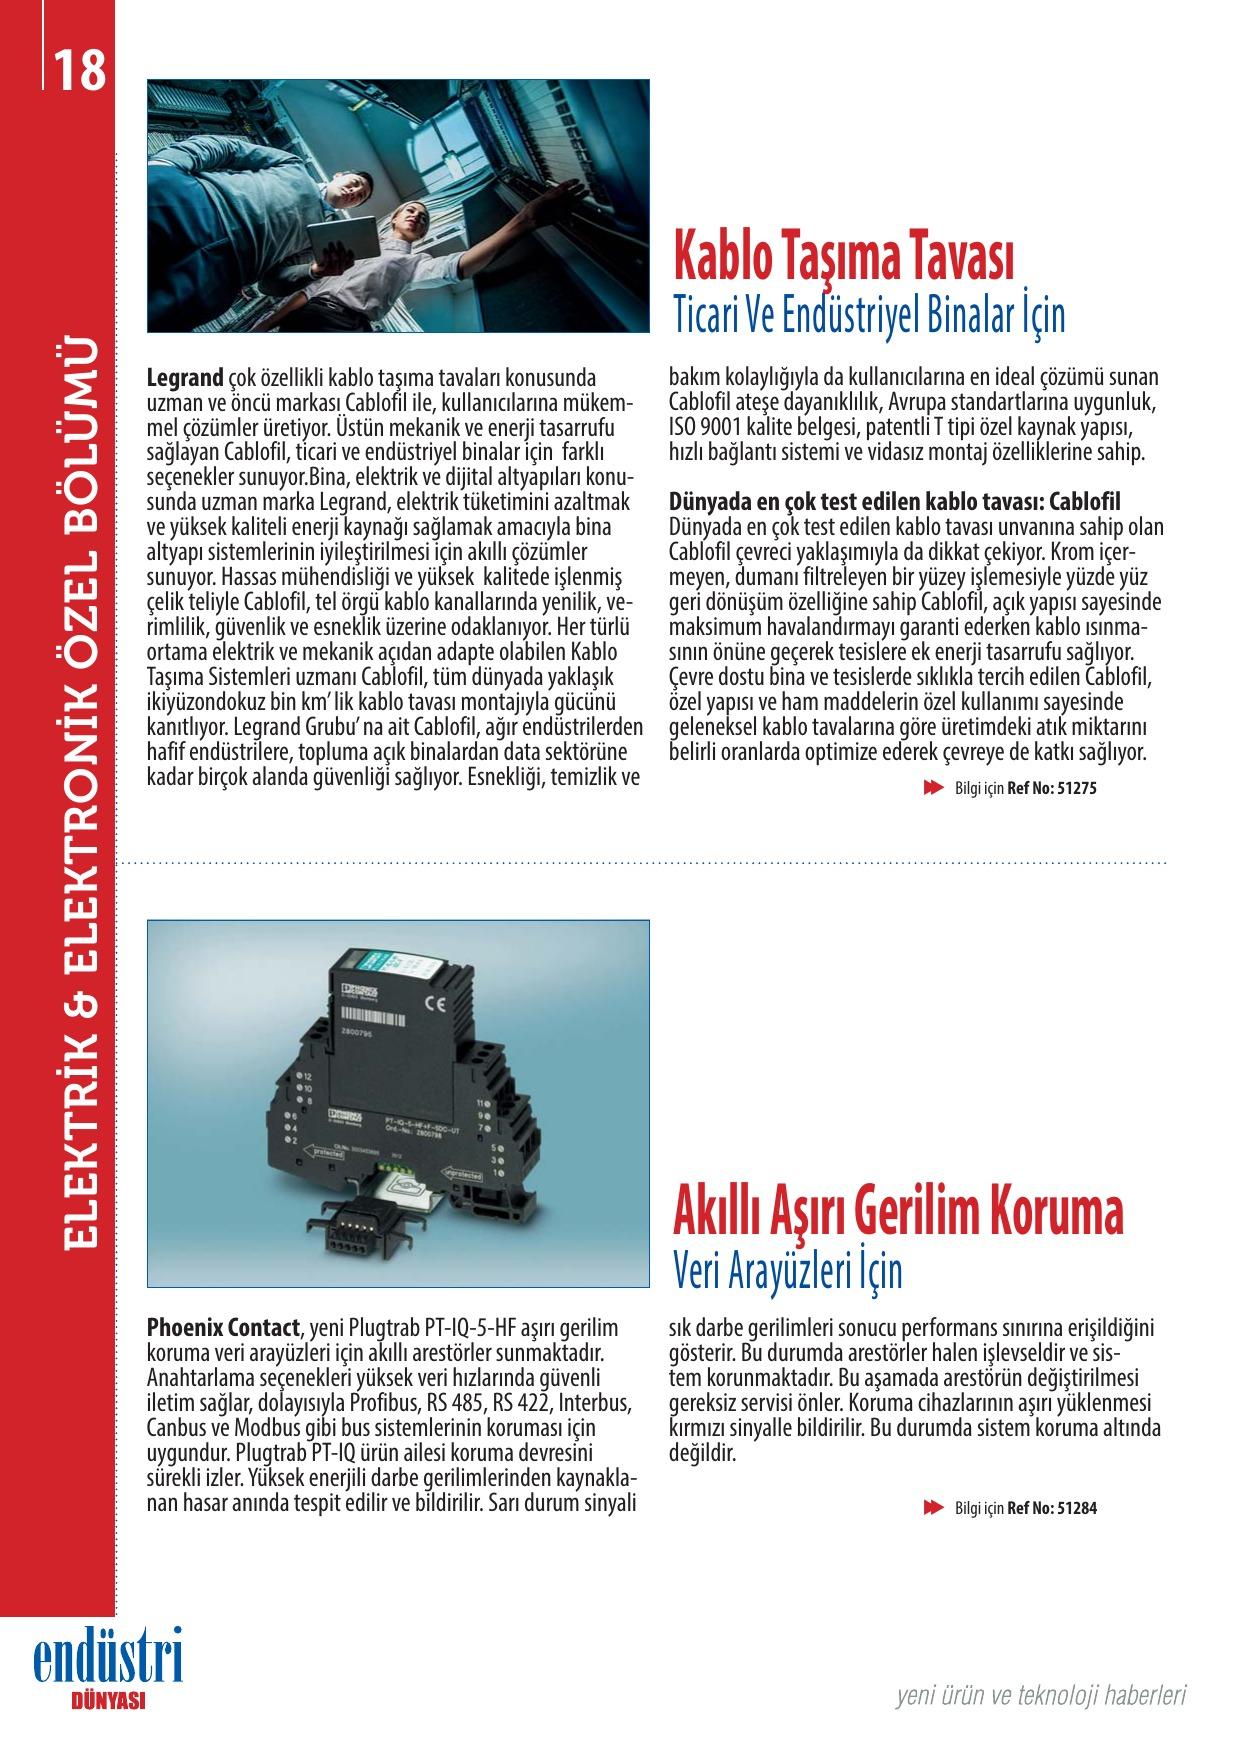 GAZ (otobüs) - avantajlar, yönler, model aralığı